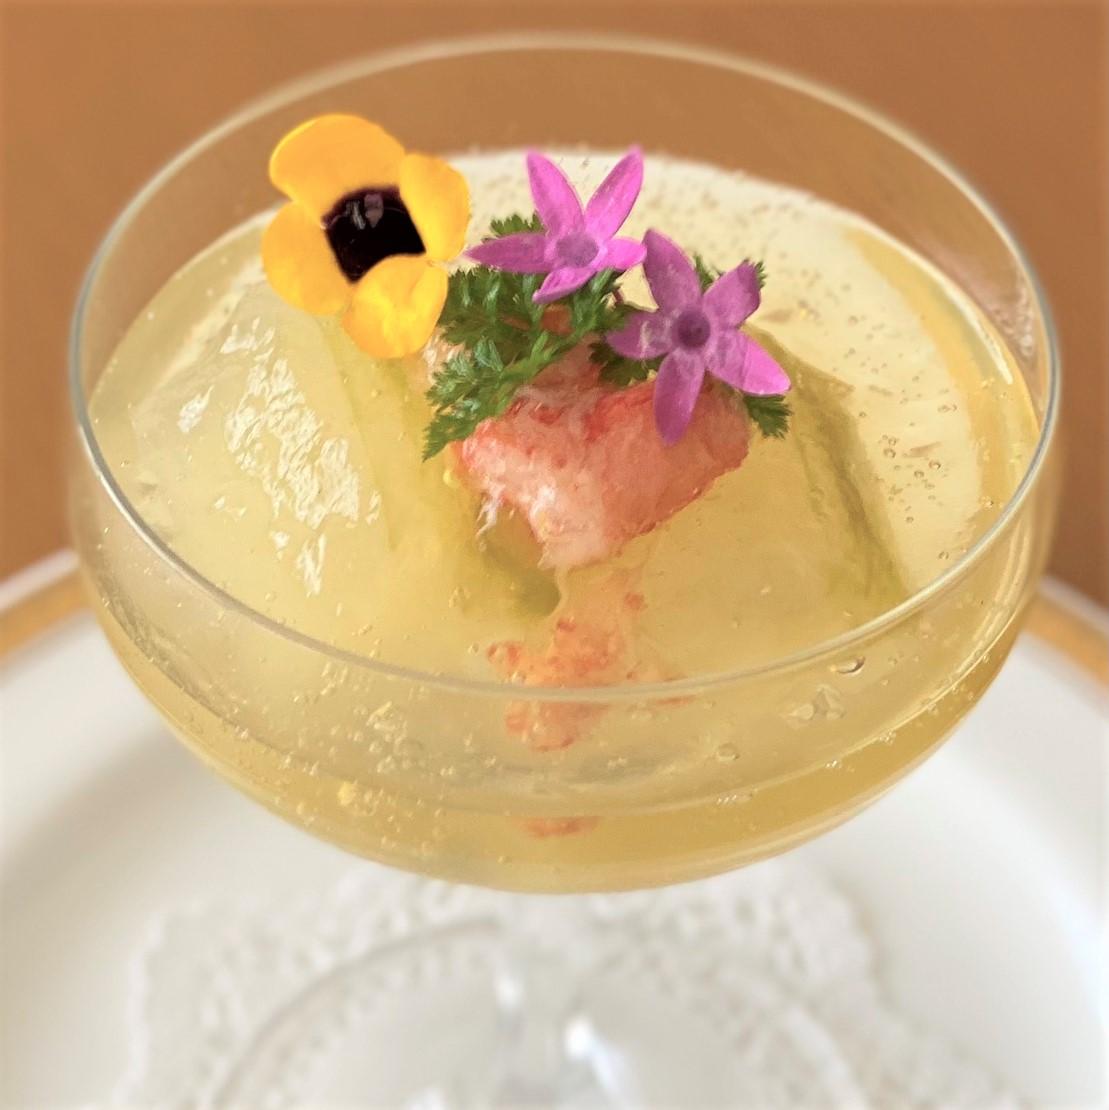 神奈川県三浦産<br>冬瓜と蟹のトマトゼリー寄せ